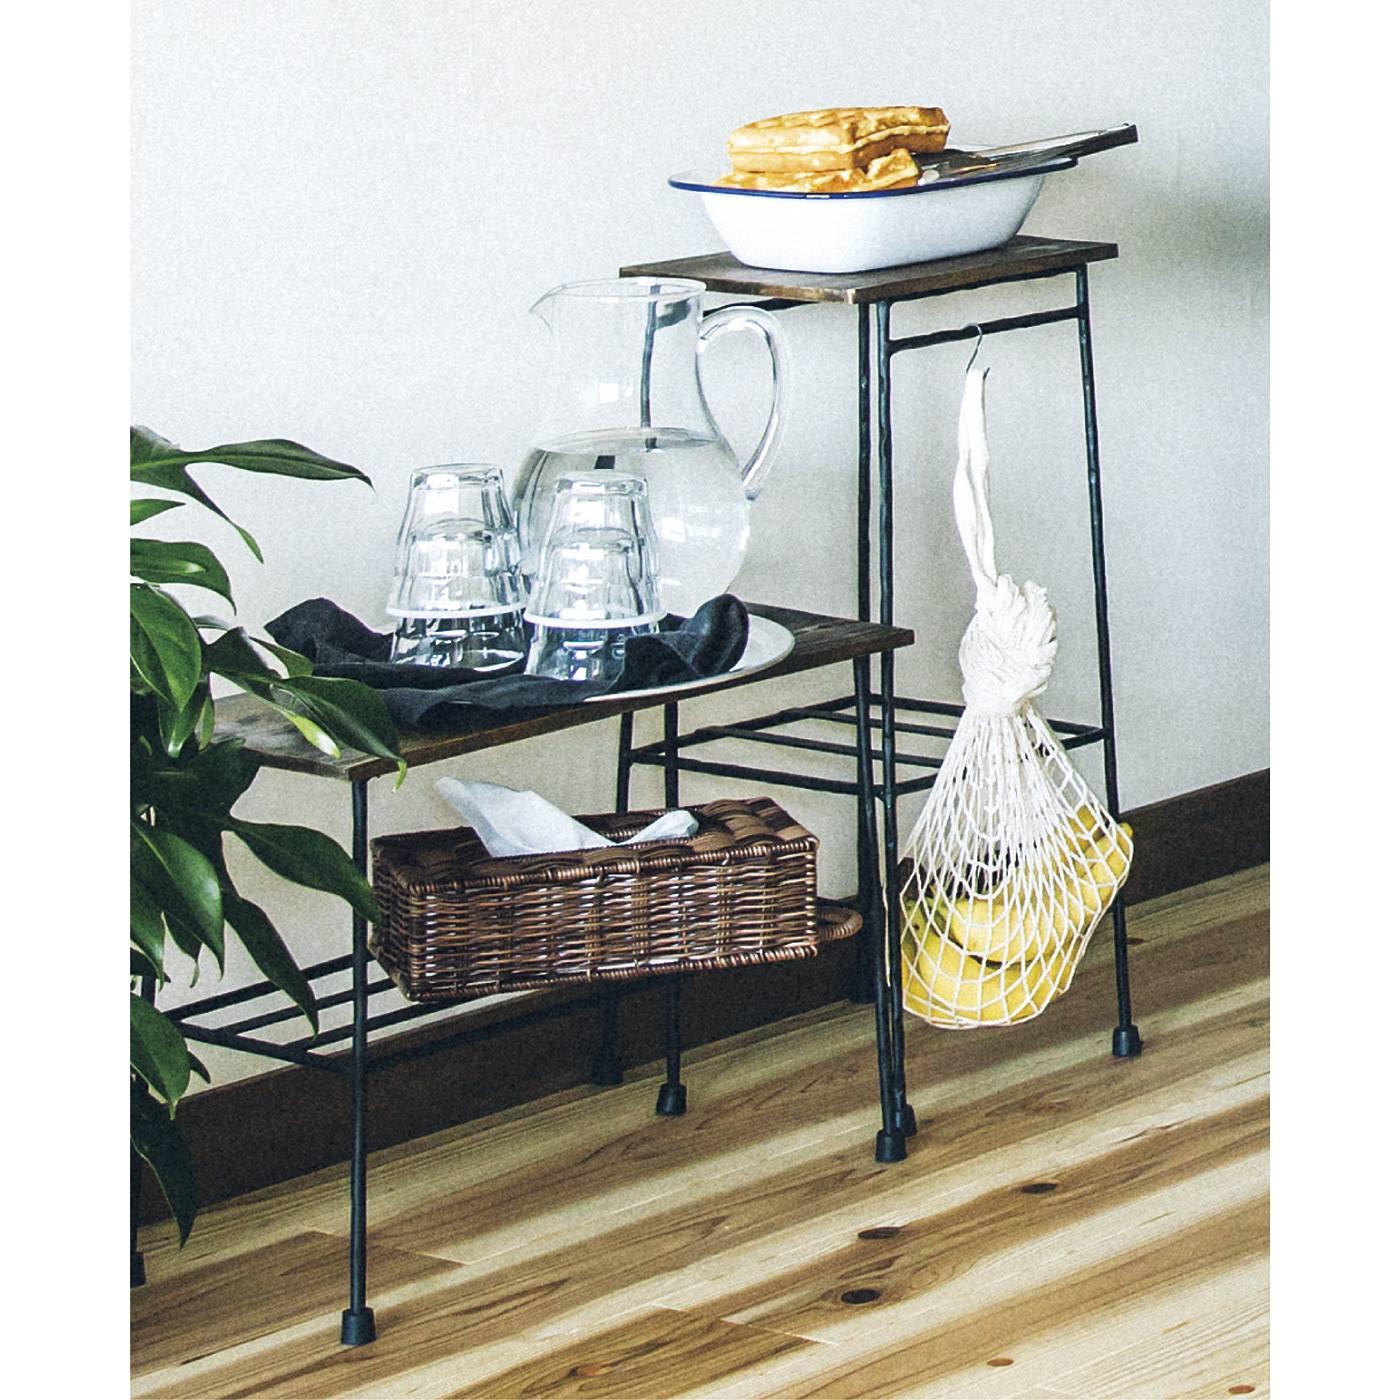 床に座っておうちカフェ。少し背の低いローテーブルも登場して、「くつろぐ」スタイルのコーヒータイムがますます快適に!